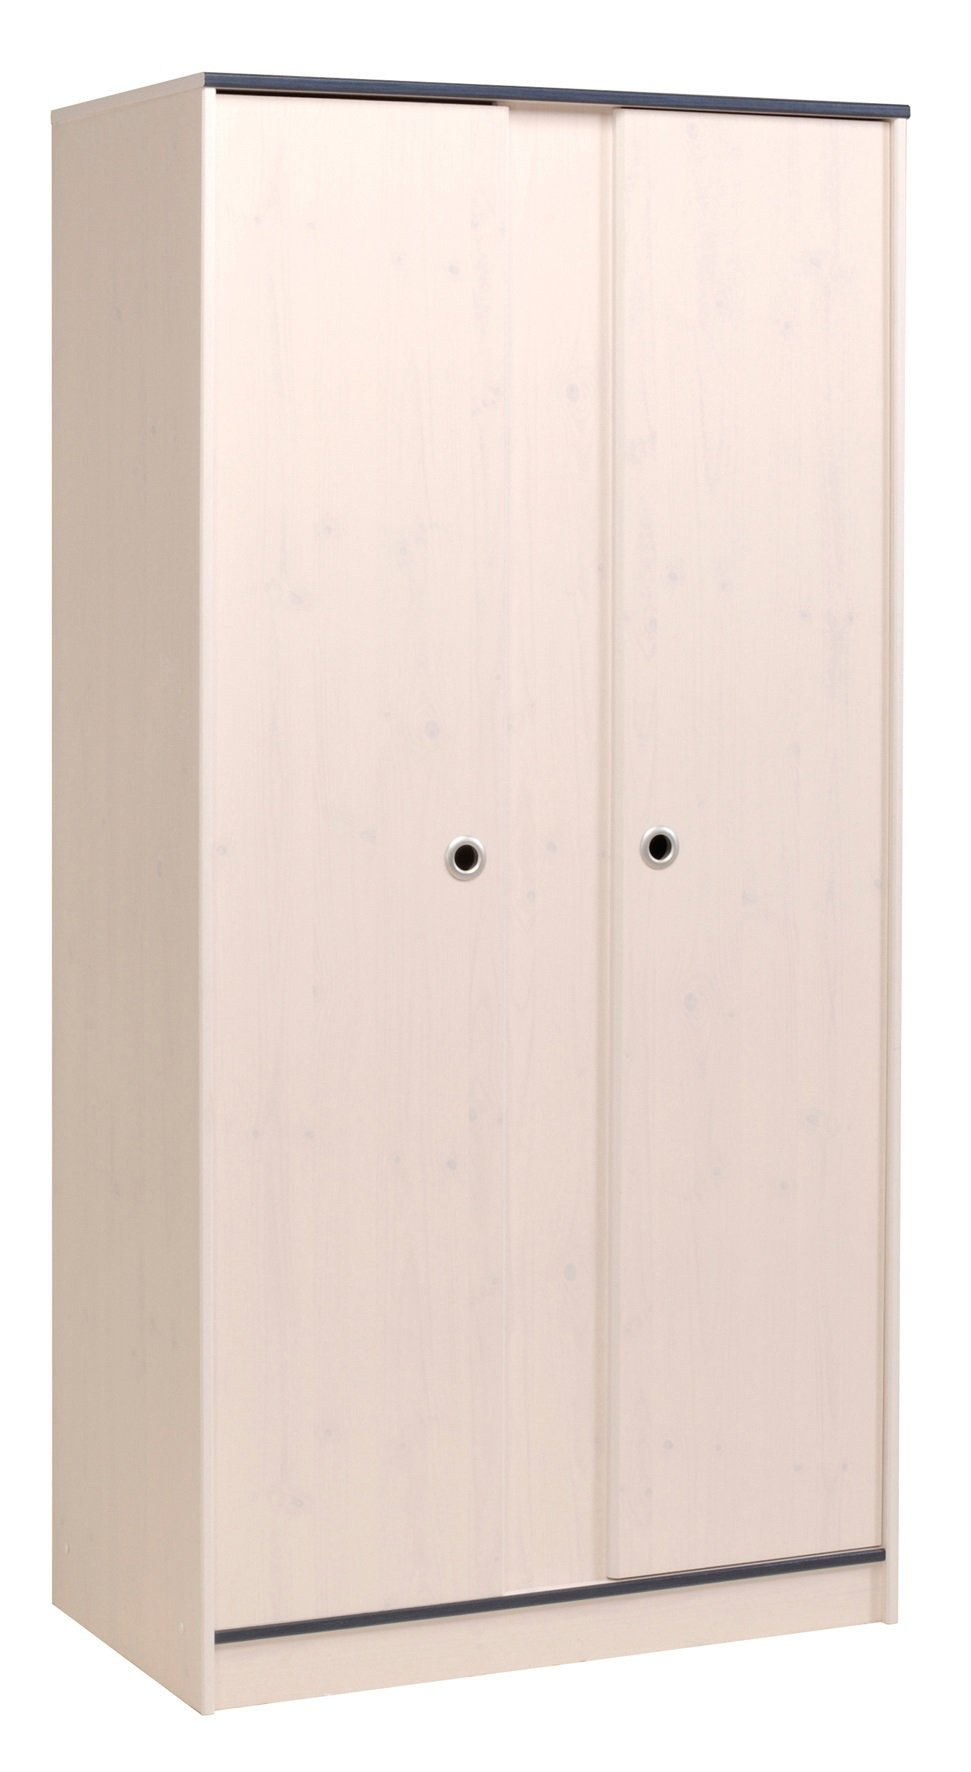 Armoire enfant 2 portes contemporaine pin memphis/rose ou bleu Droopy